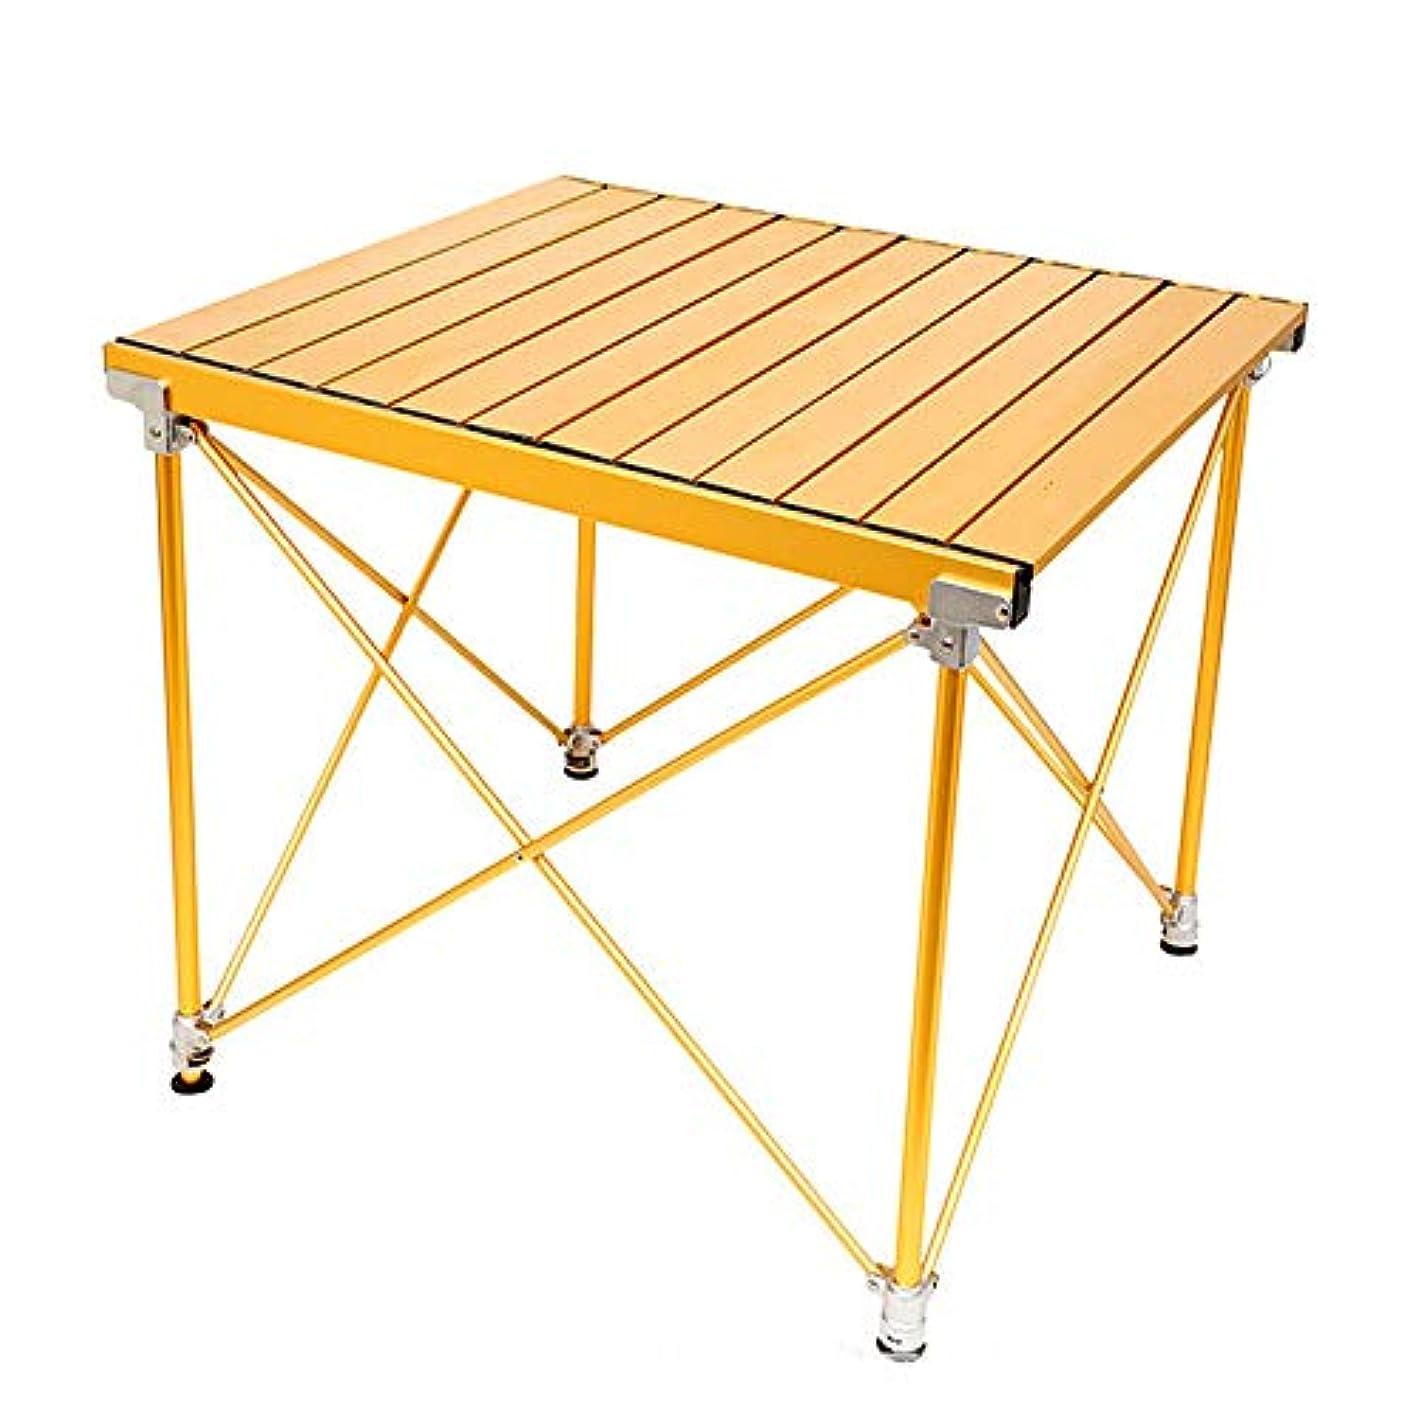 バンドチーフ岩折りたたみテーブル - ポータブルカジュアルピクニックテーブル超厚い屋外アルミテーブル